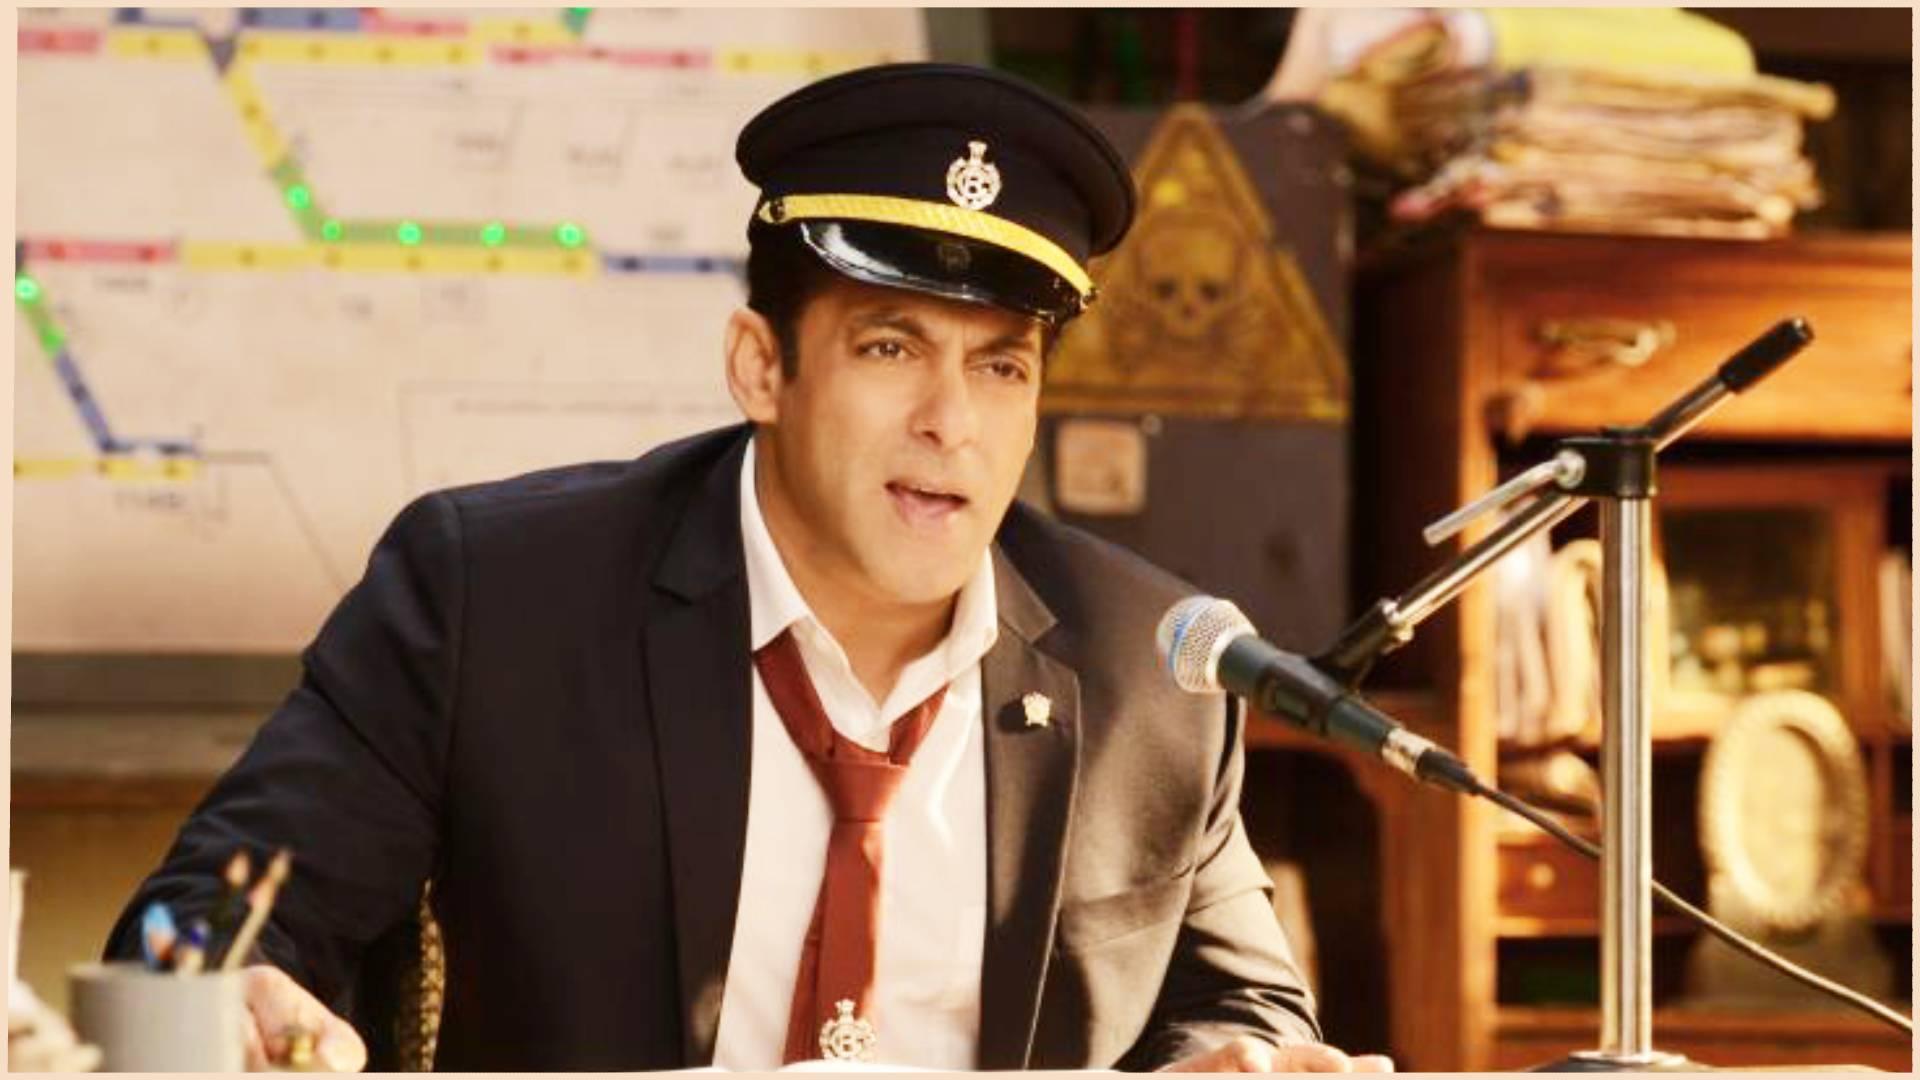 Bigg Boss 13: बिग बॉस के लिए सलमान खान ने शूट किया दूसरा प्रोमो, साथ नजर आई ये टीवी एक्ट्रेस, तस्वीर वायरल